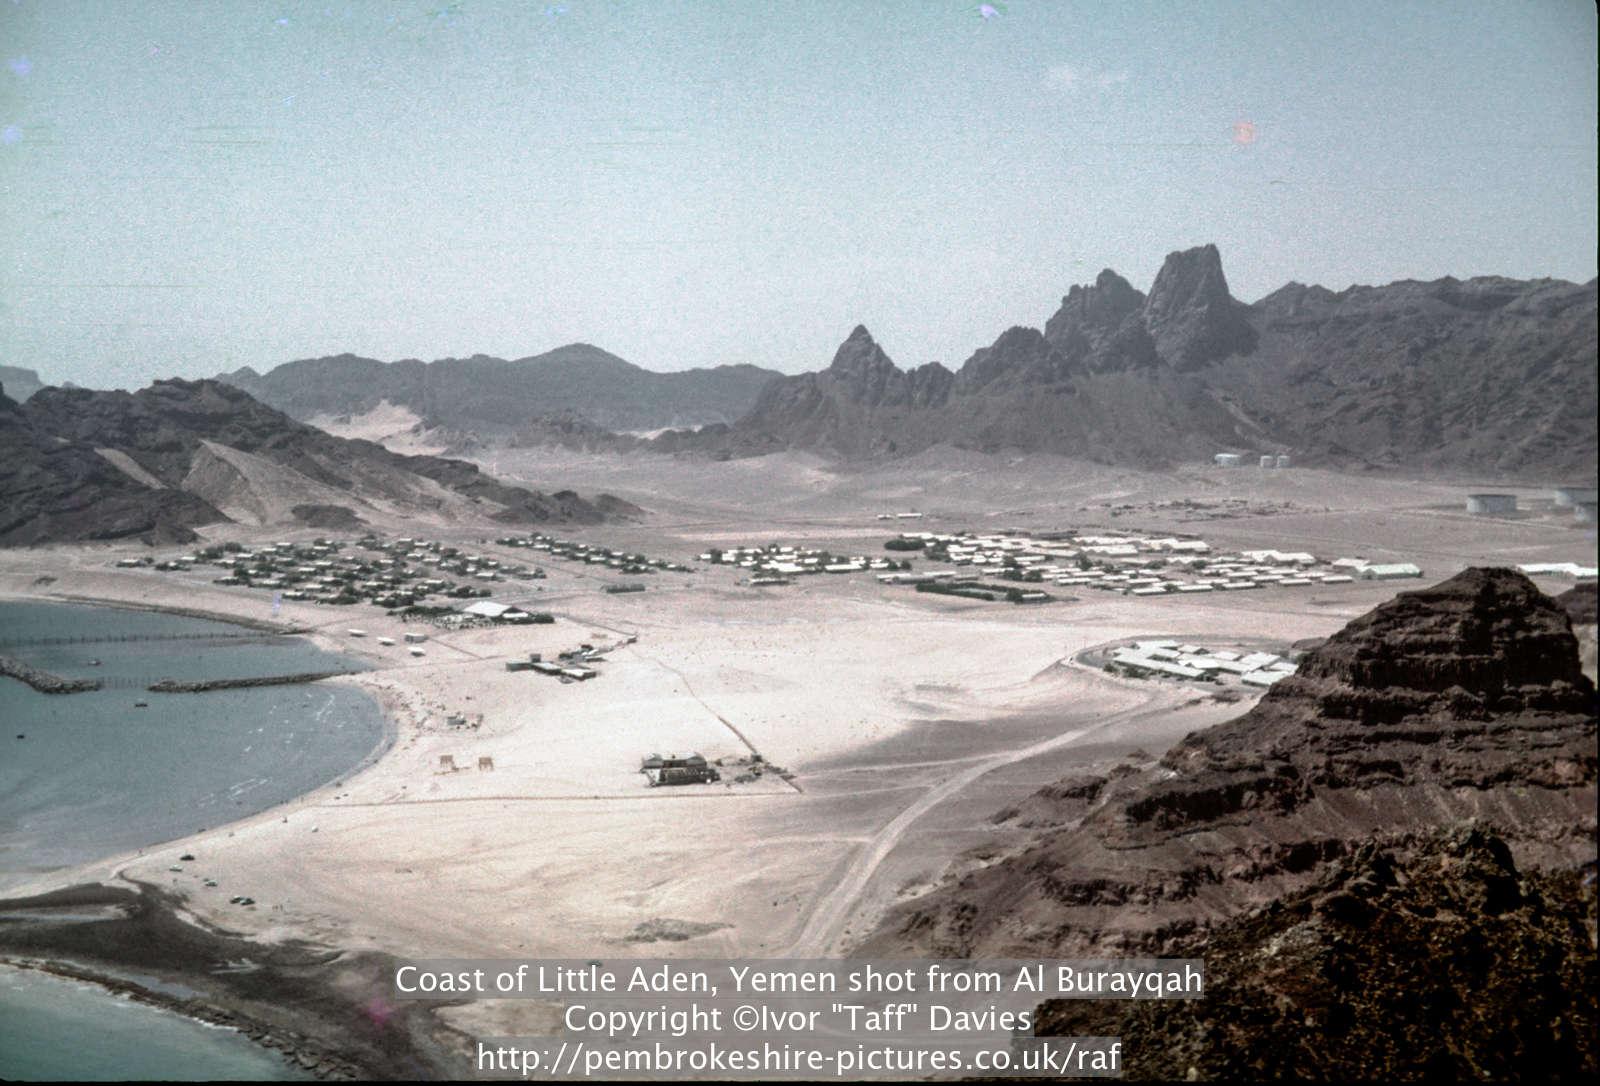 Coast of Little Aden, Yemen shot from Al Burayqah